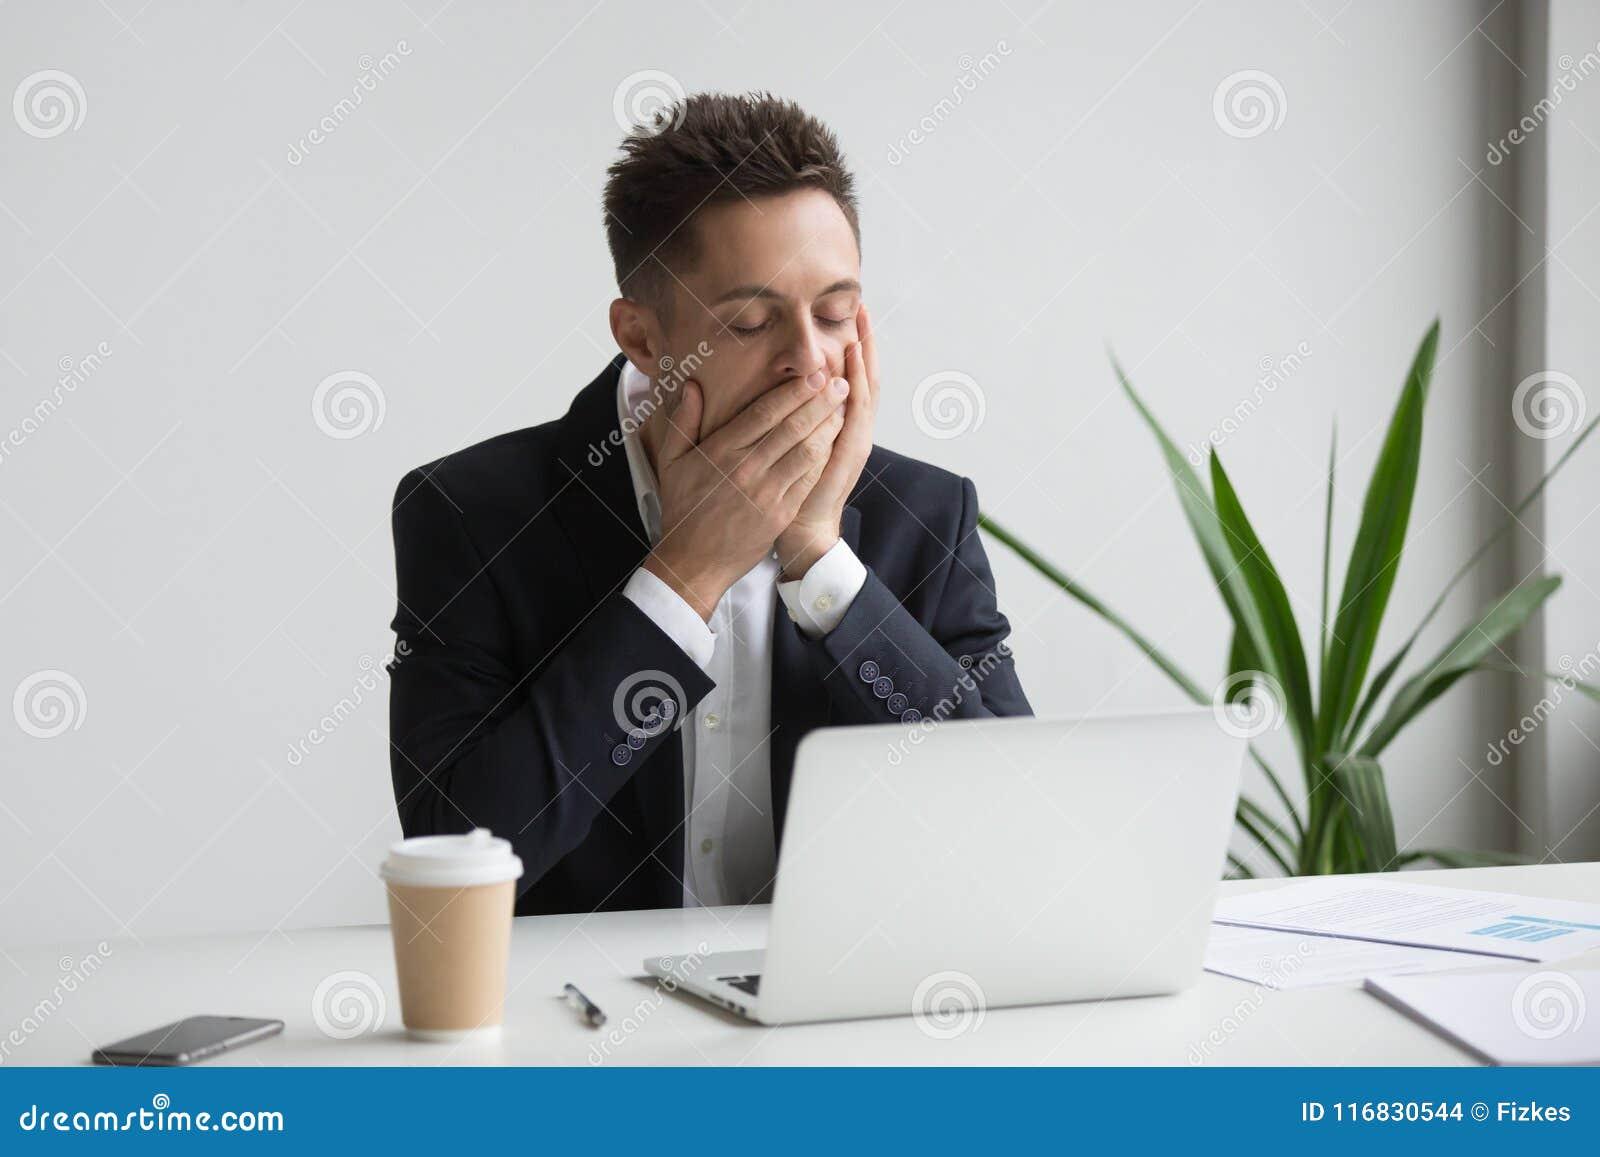 Muito tempo de trabalho de bocejo cansado do trabalhador de escritório